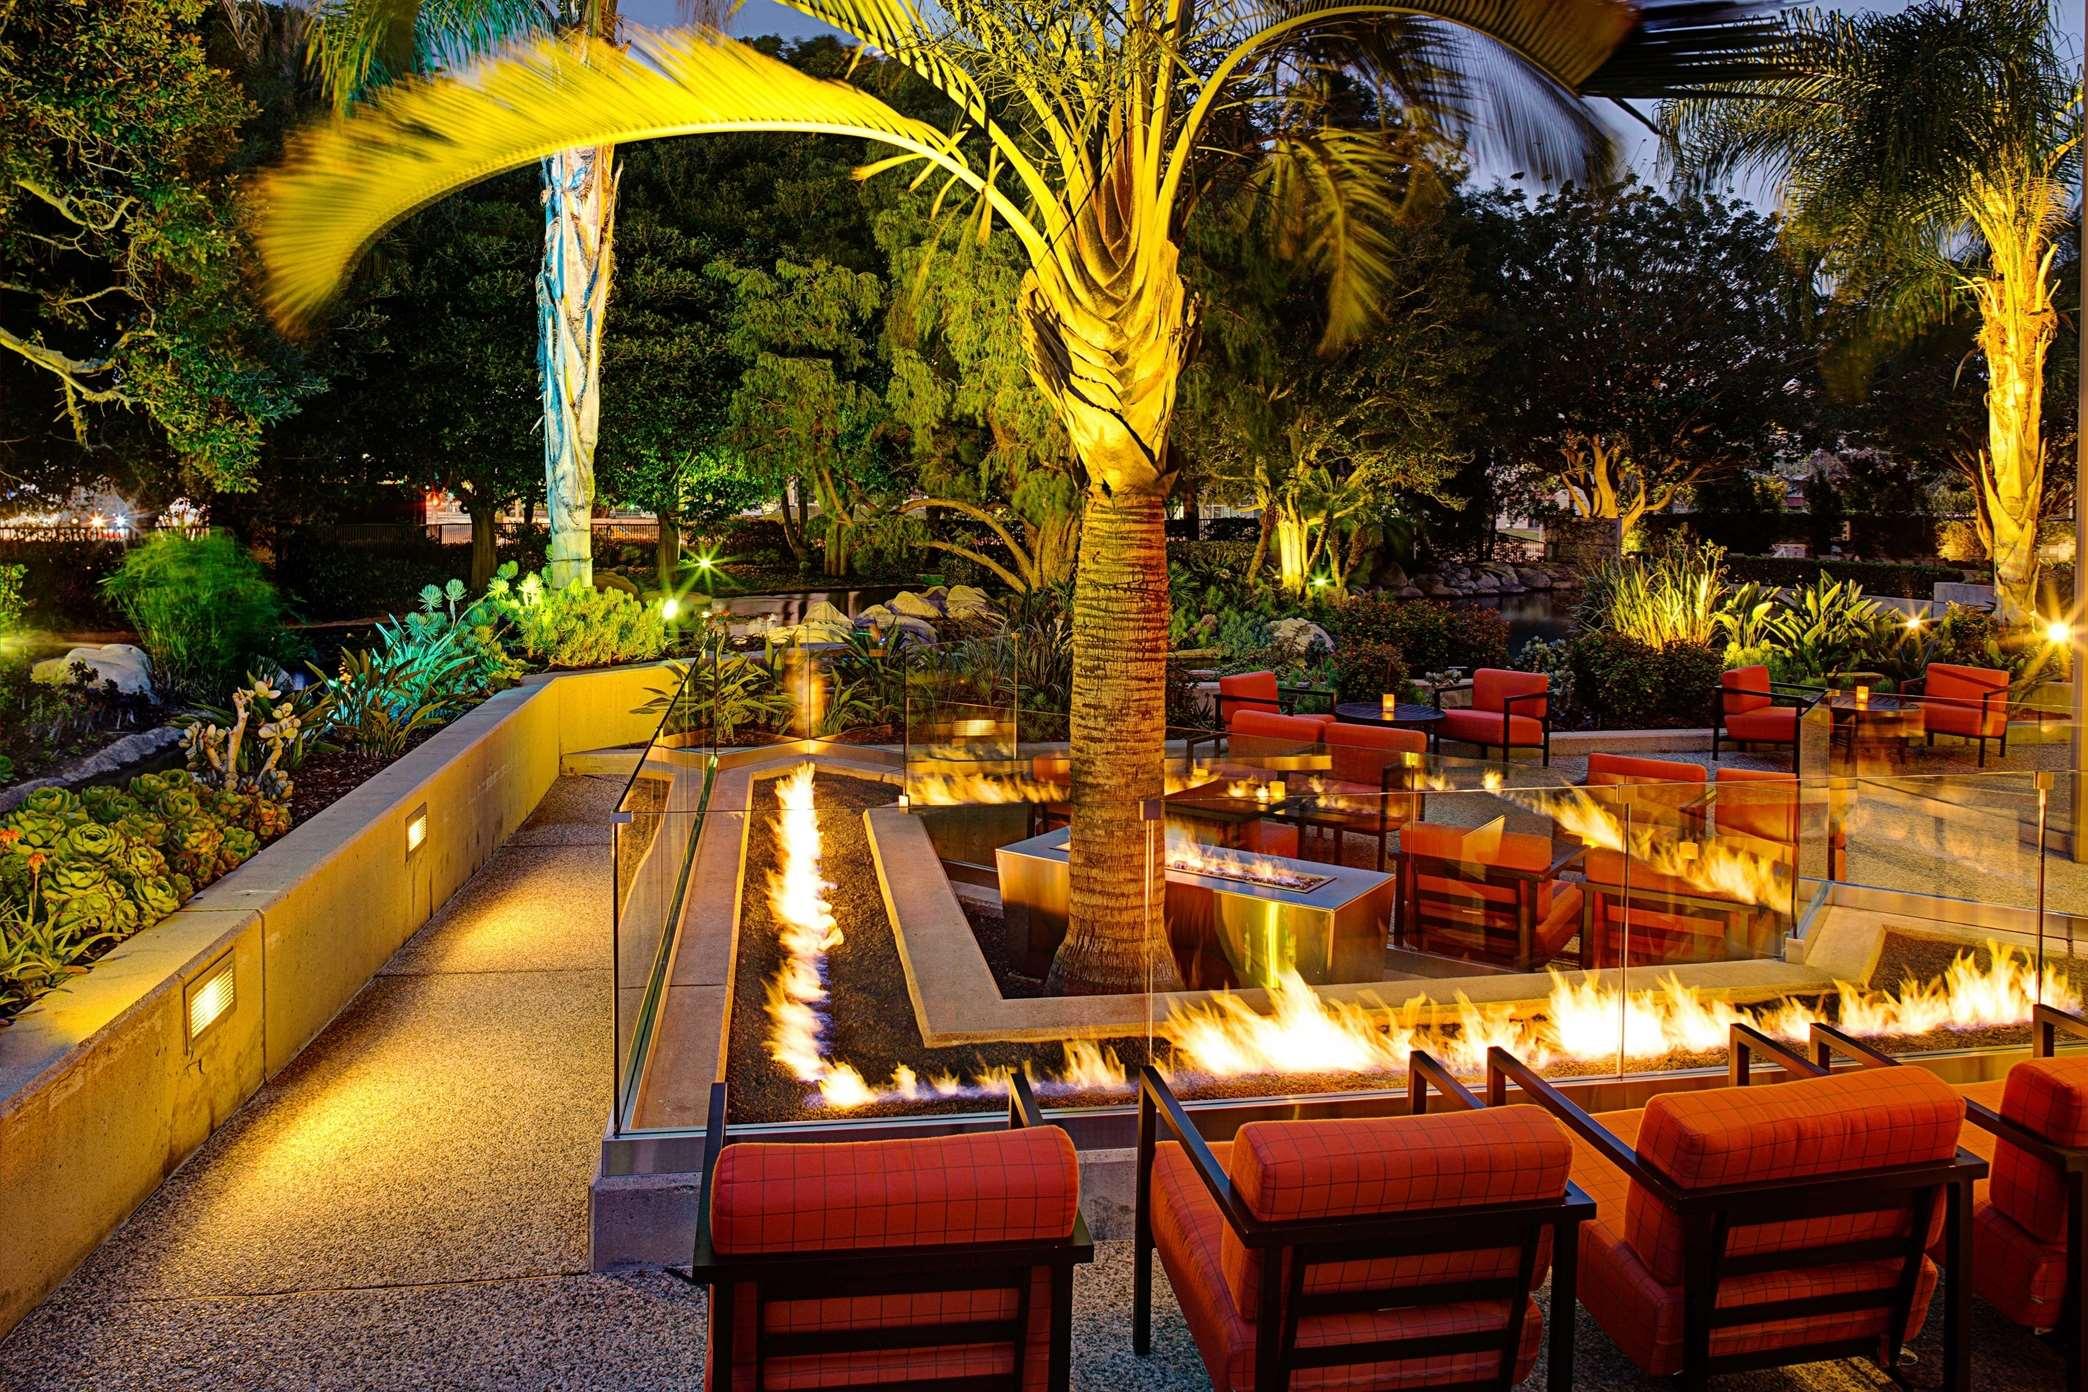 Hilton Garden Inn Anaheim/Garden Grove | Disneyland Hotels